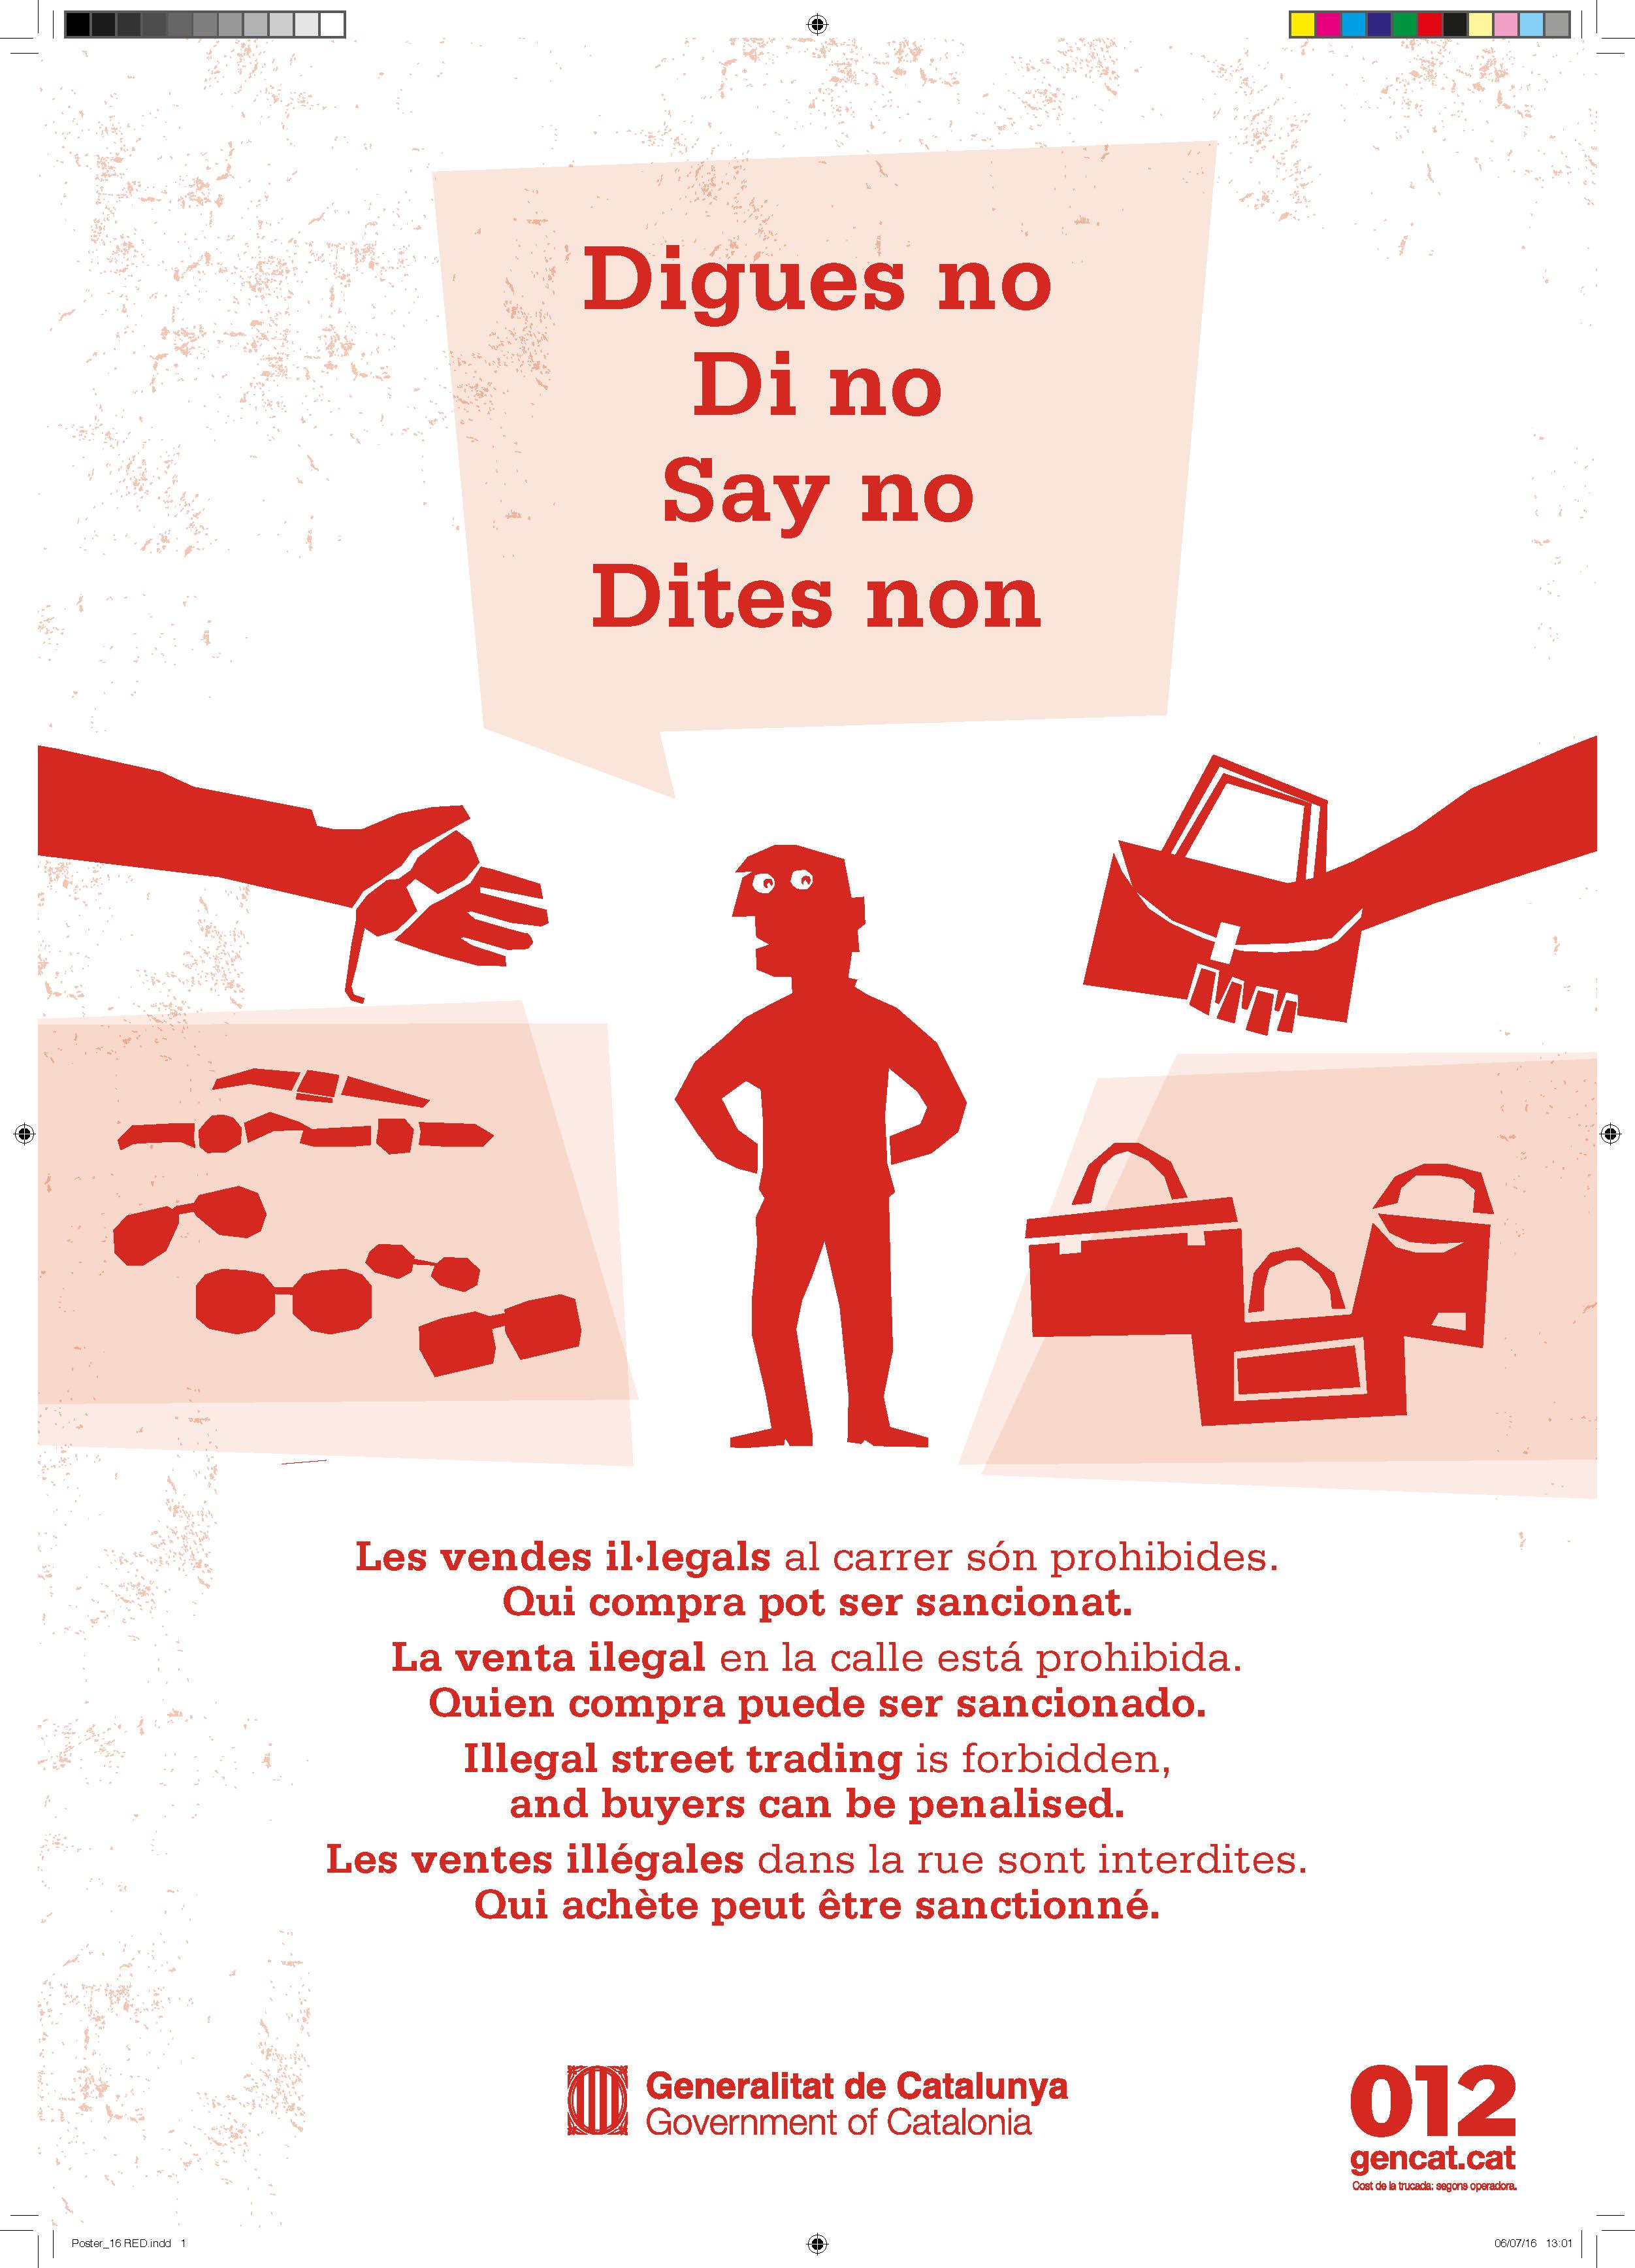 Campanya conjunta de la Generalitat, l'Ajuntament de Roses i els comerciants contra la venda il·legal